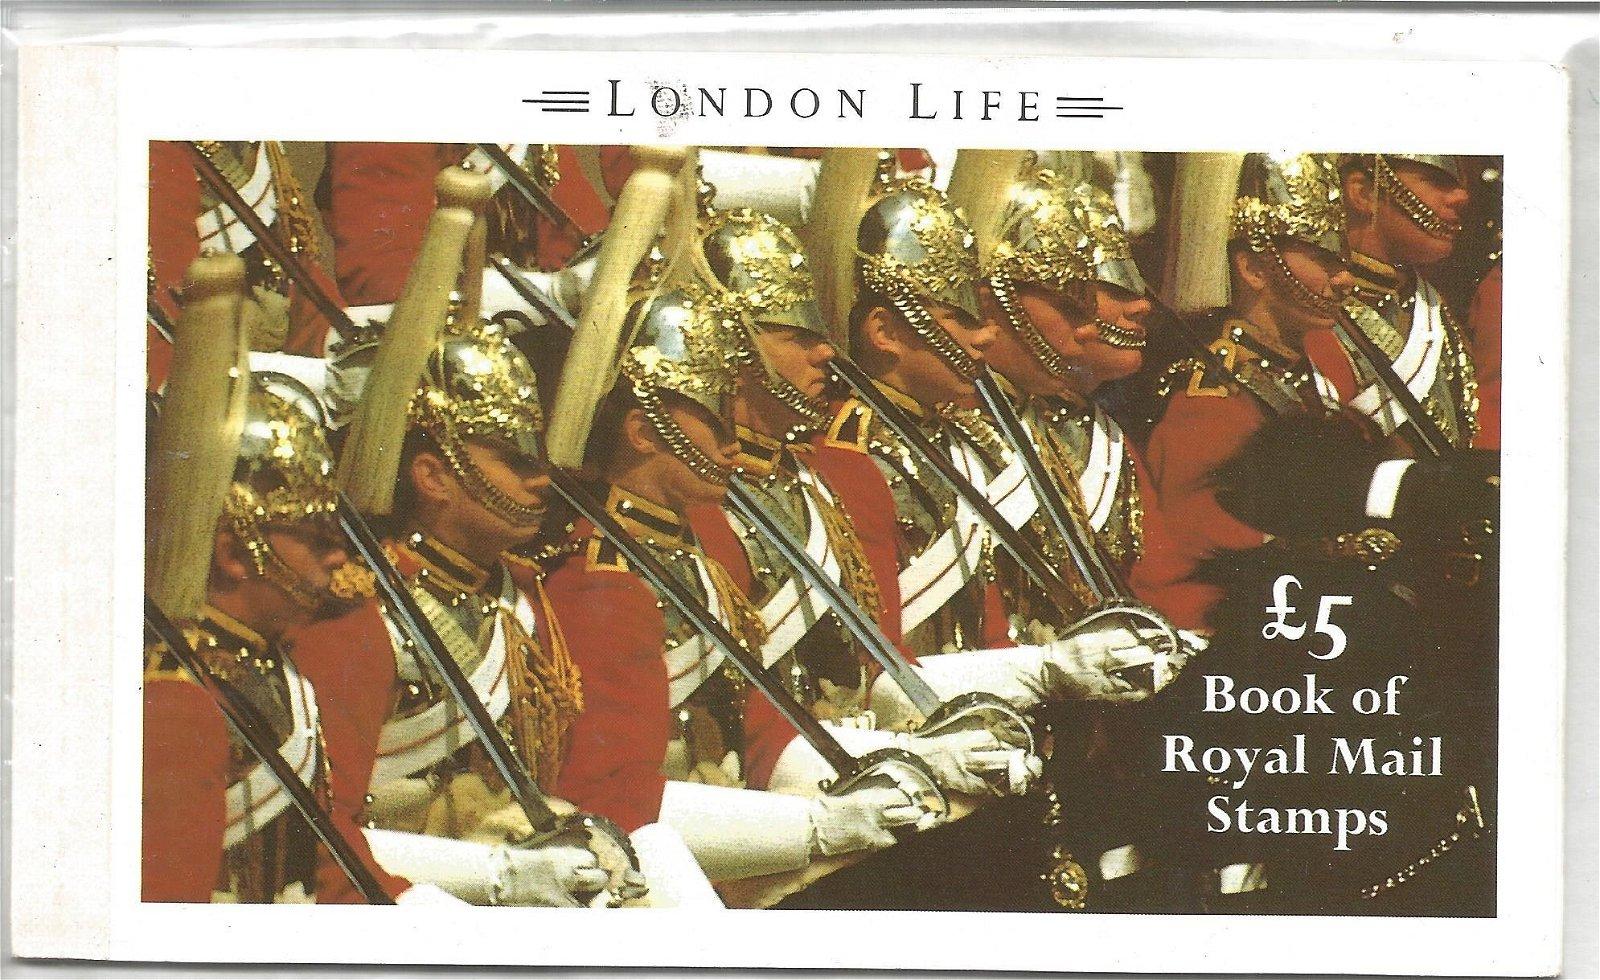 Royal Mail complete prestige stamp booklet, London